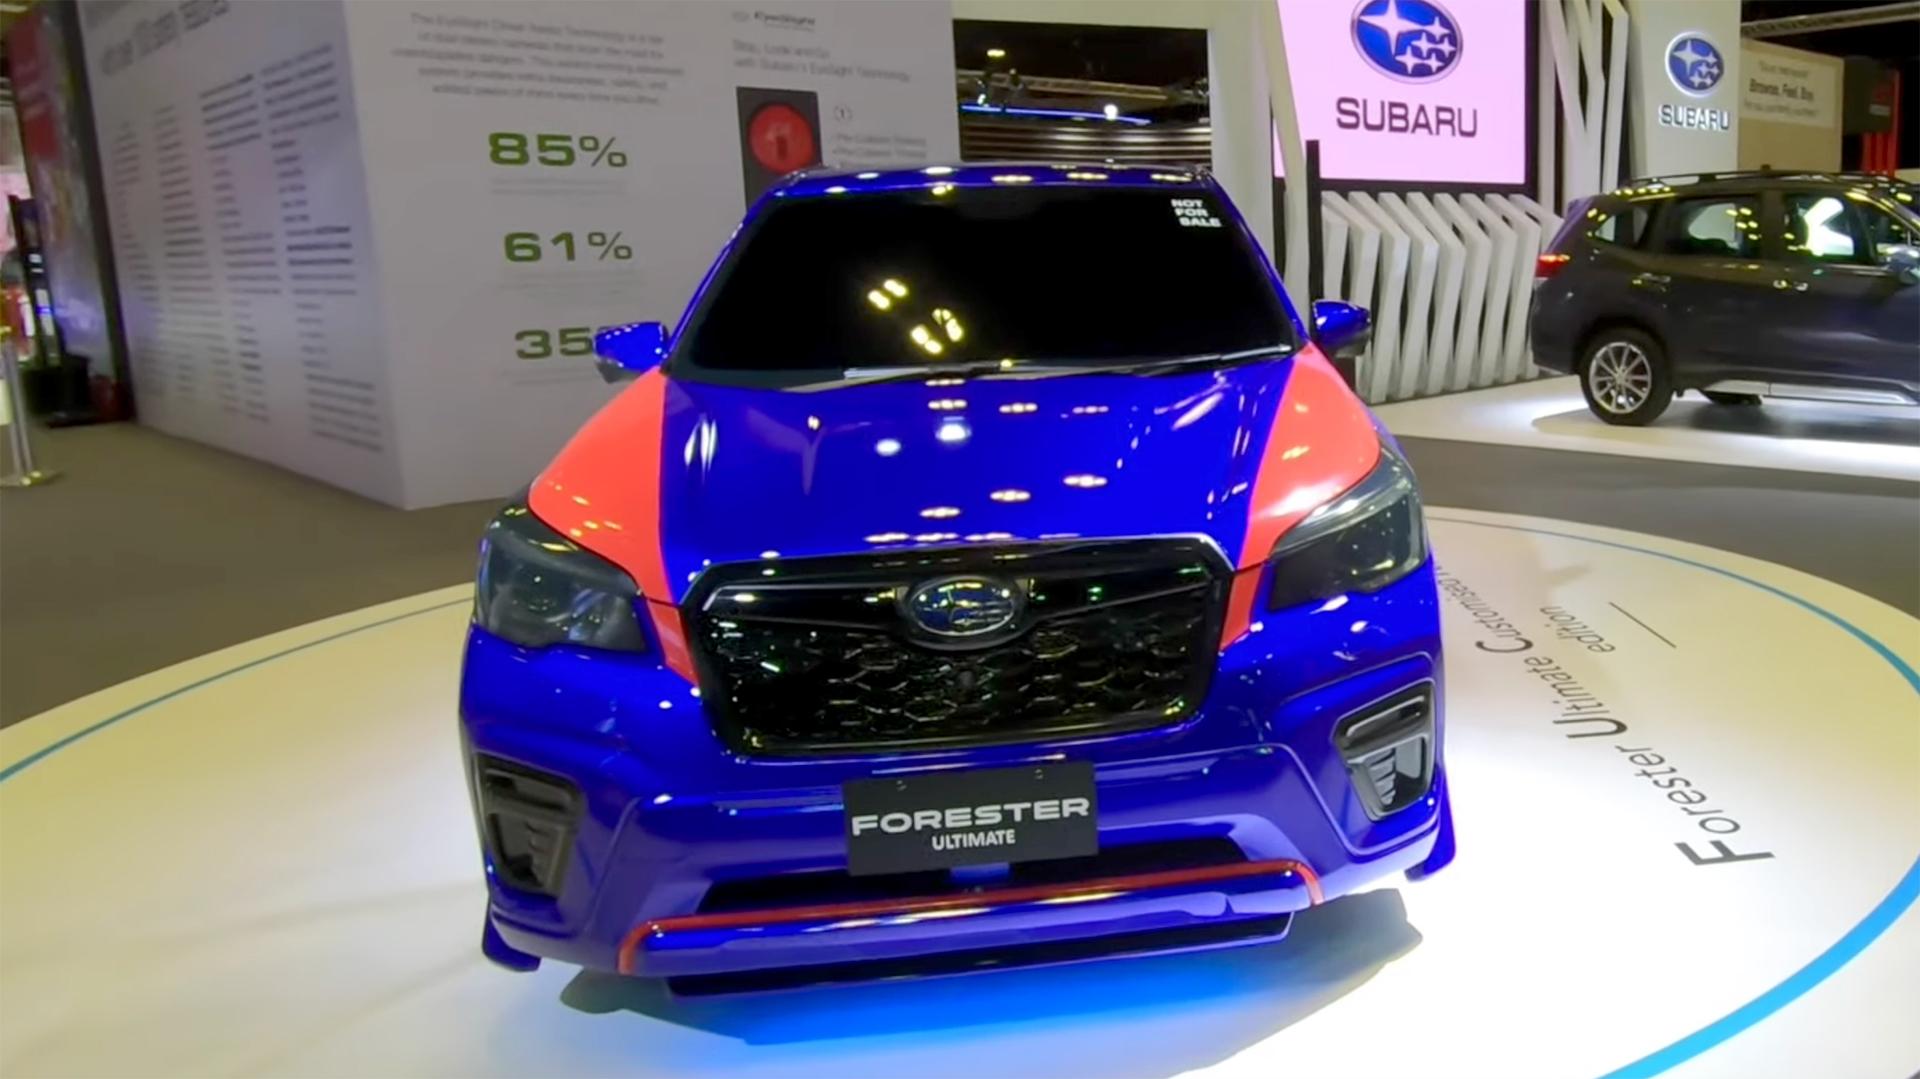 Chiếc Subaru Forester 2020 Ultimate đẹp nhất thế giới là đây